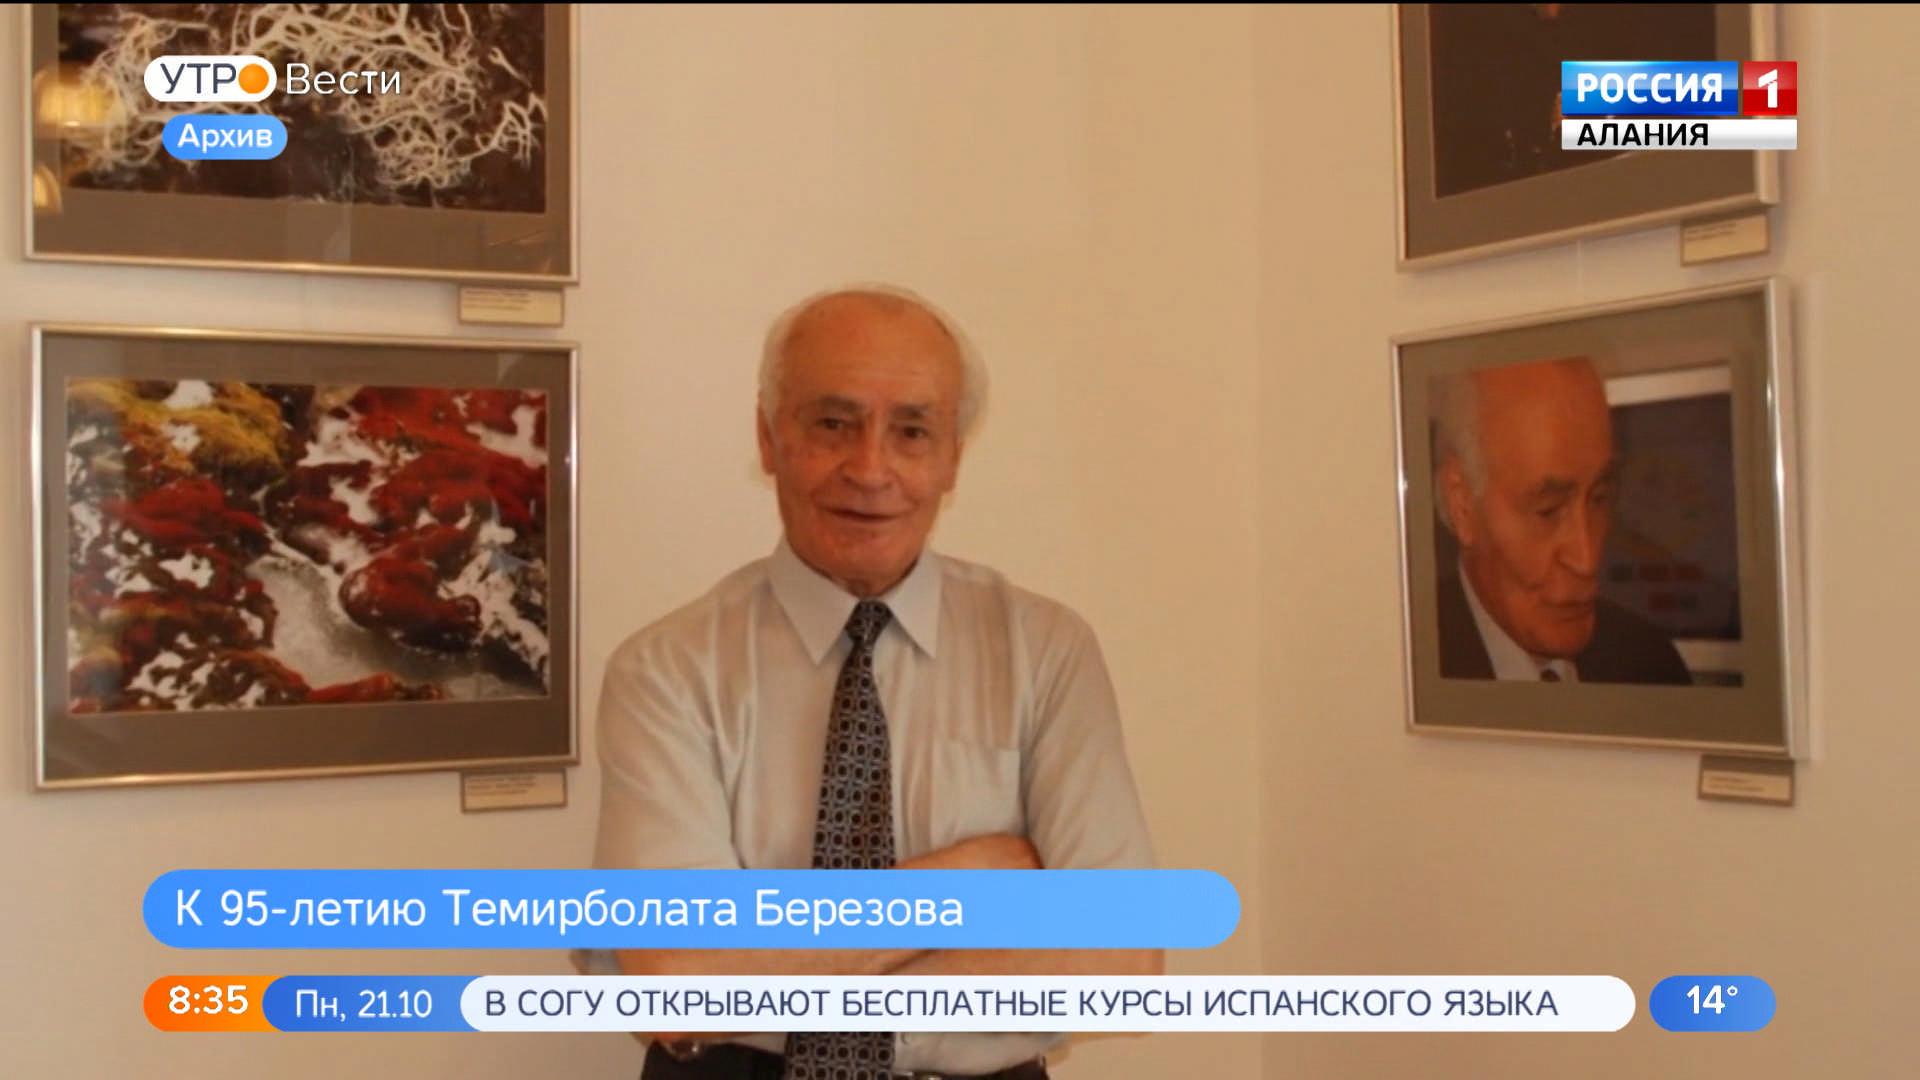 Нашему прославленному земляку, профессору Темирболату Березову в эти дни исполнилось бы 95 лет